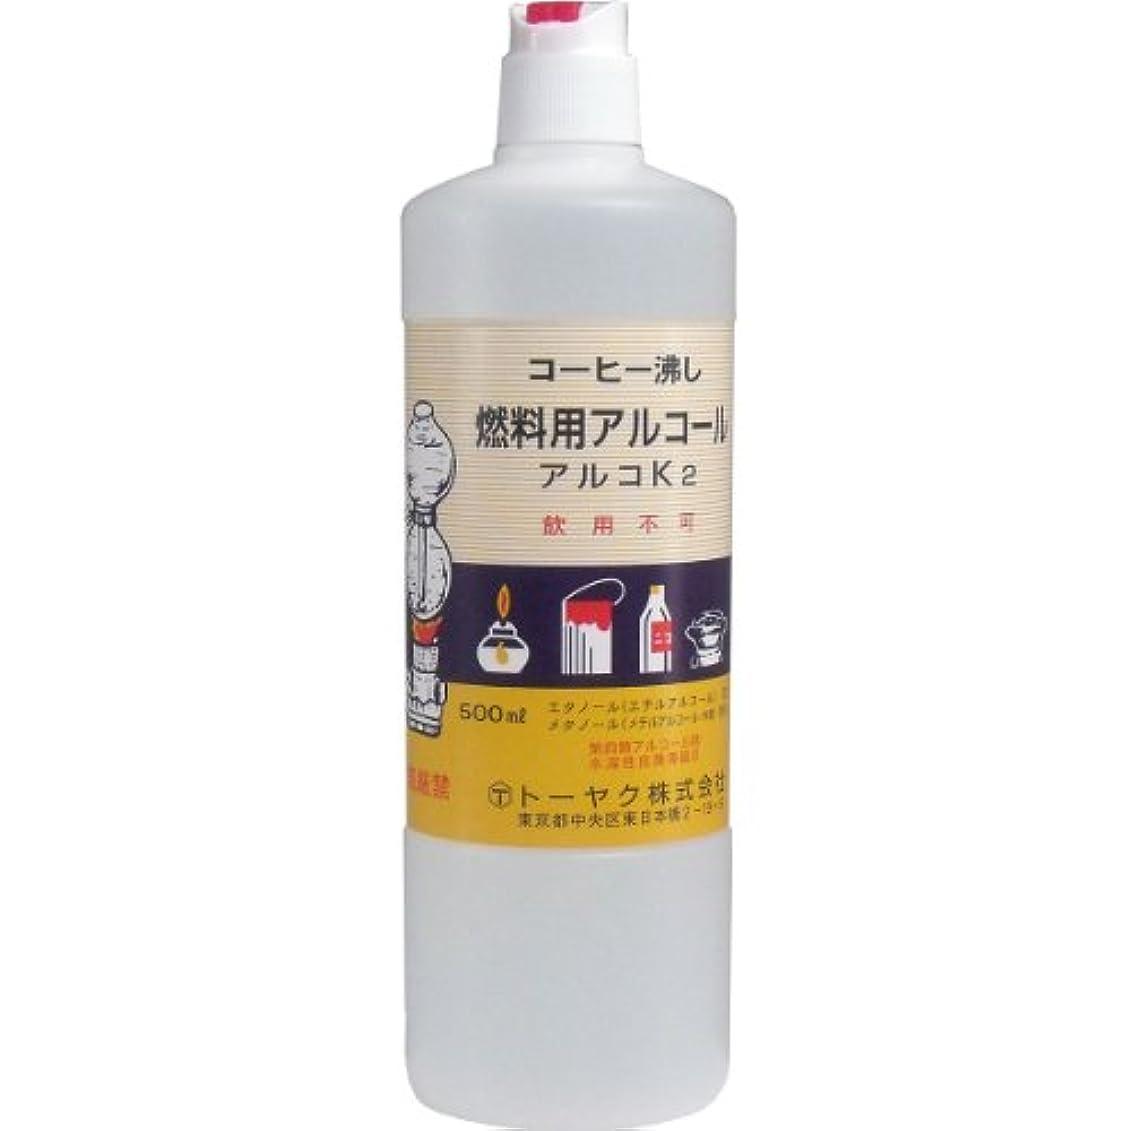 バンド詩こどもの宮殿燃料用アルコール アルコK2 ×3個セット